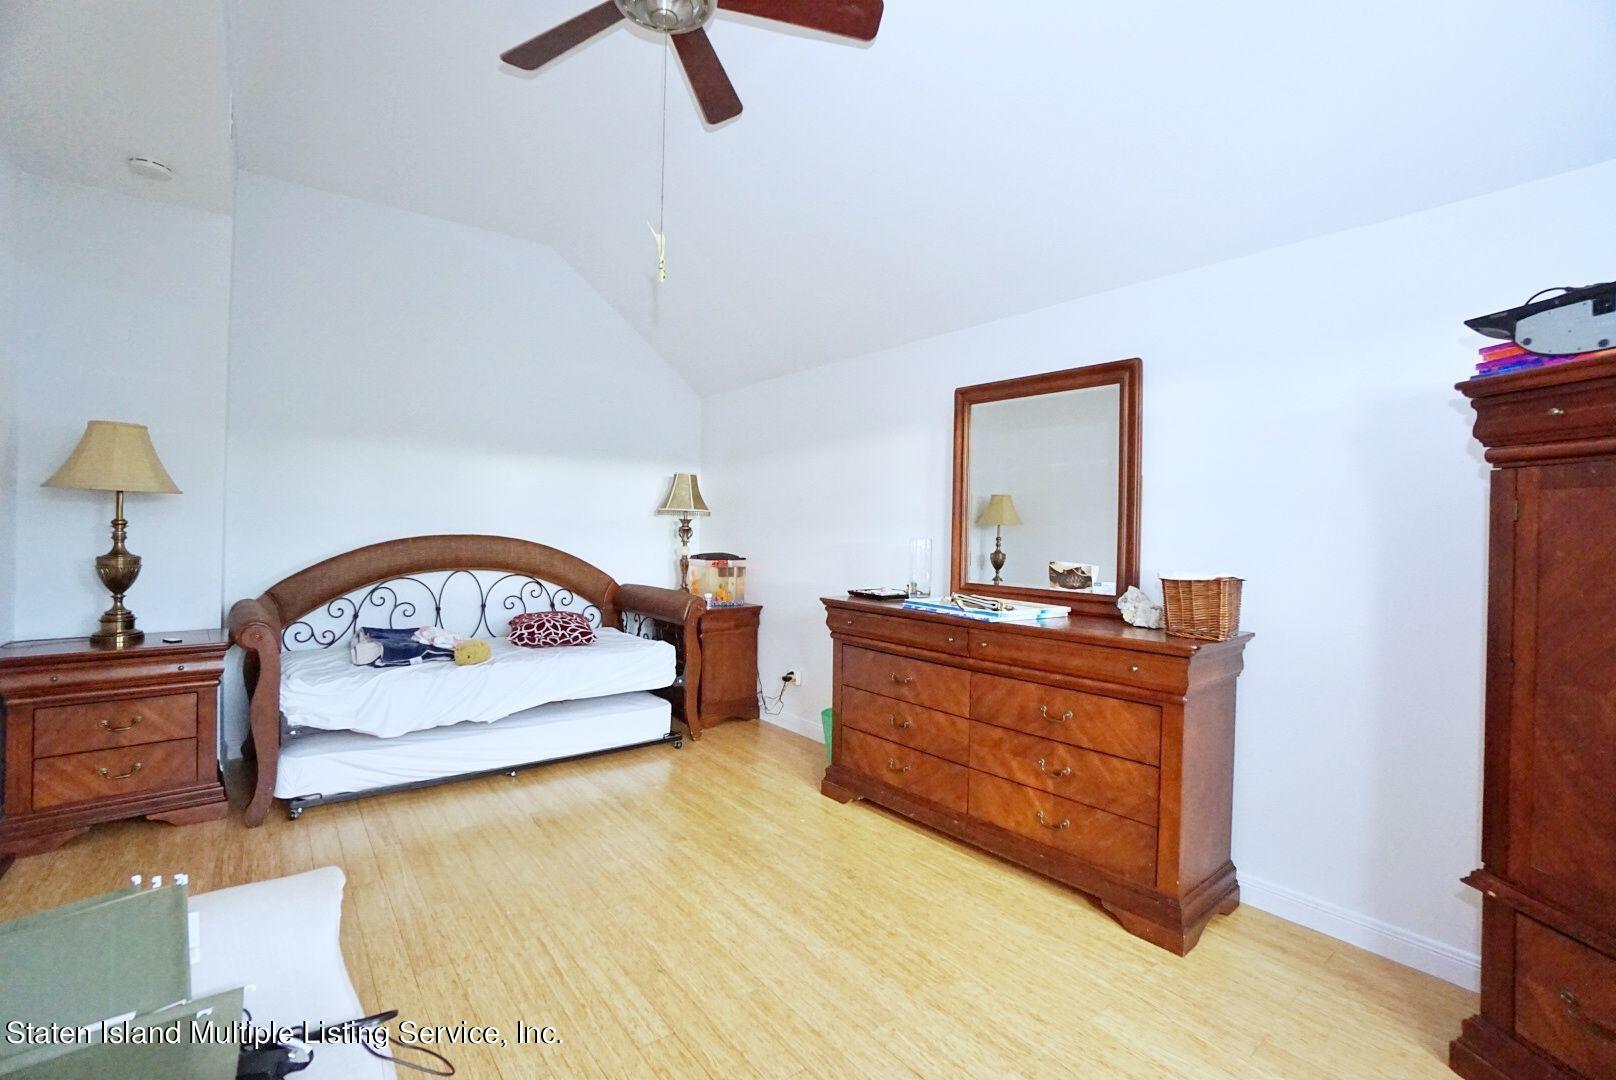 Single Family - Detached 311 Sharrott Avenue  Staten Island, NY 10309, MLS-1146042-43